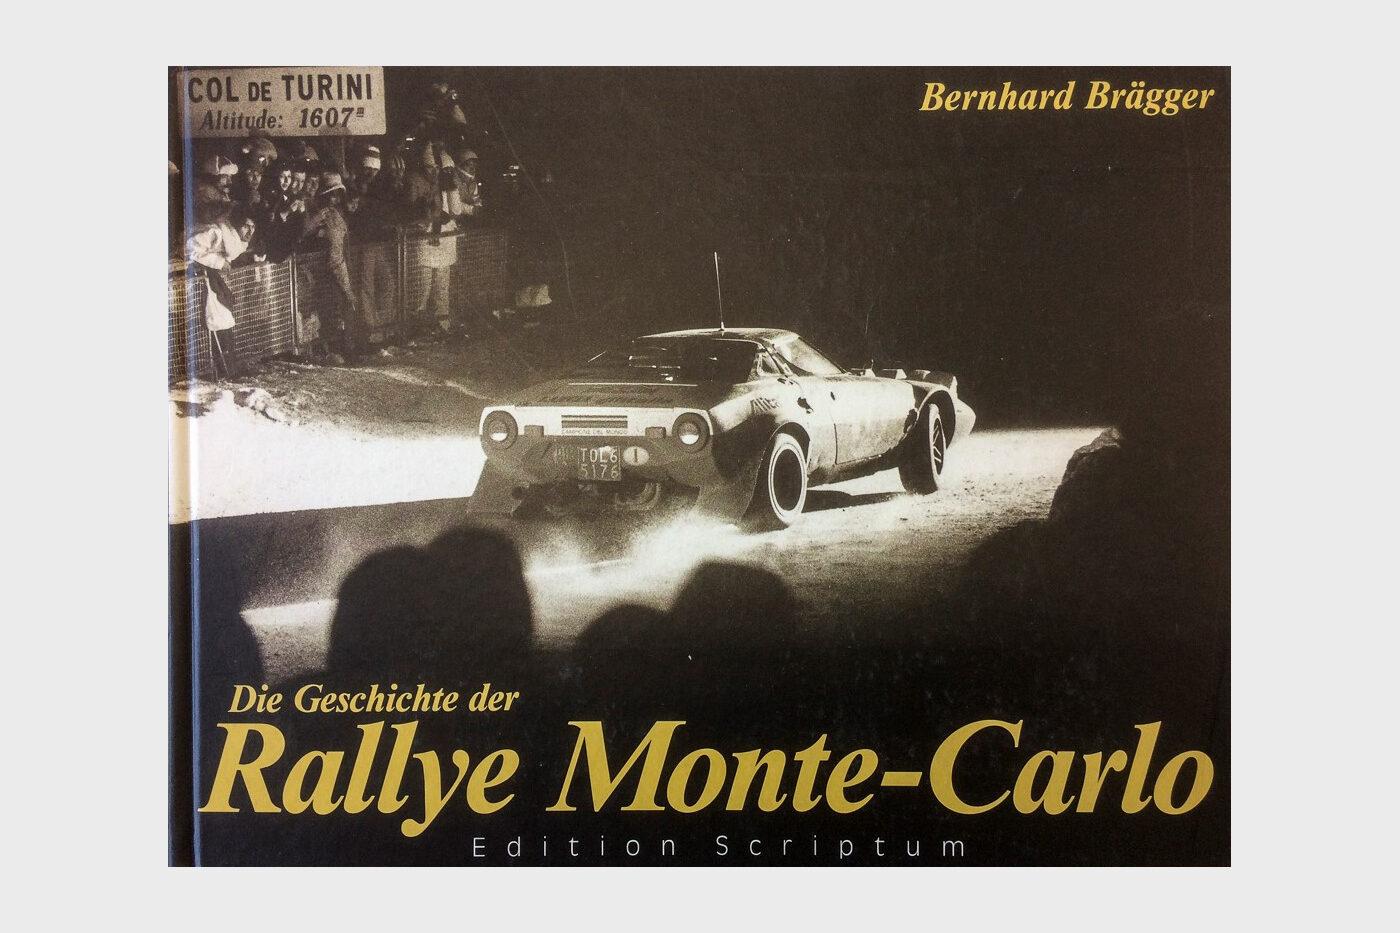 Die Geschichte der Rallye Monte-Carlo von Bernhard Brägger